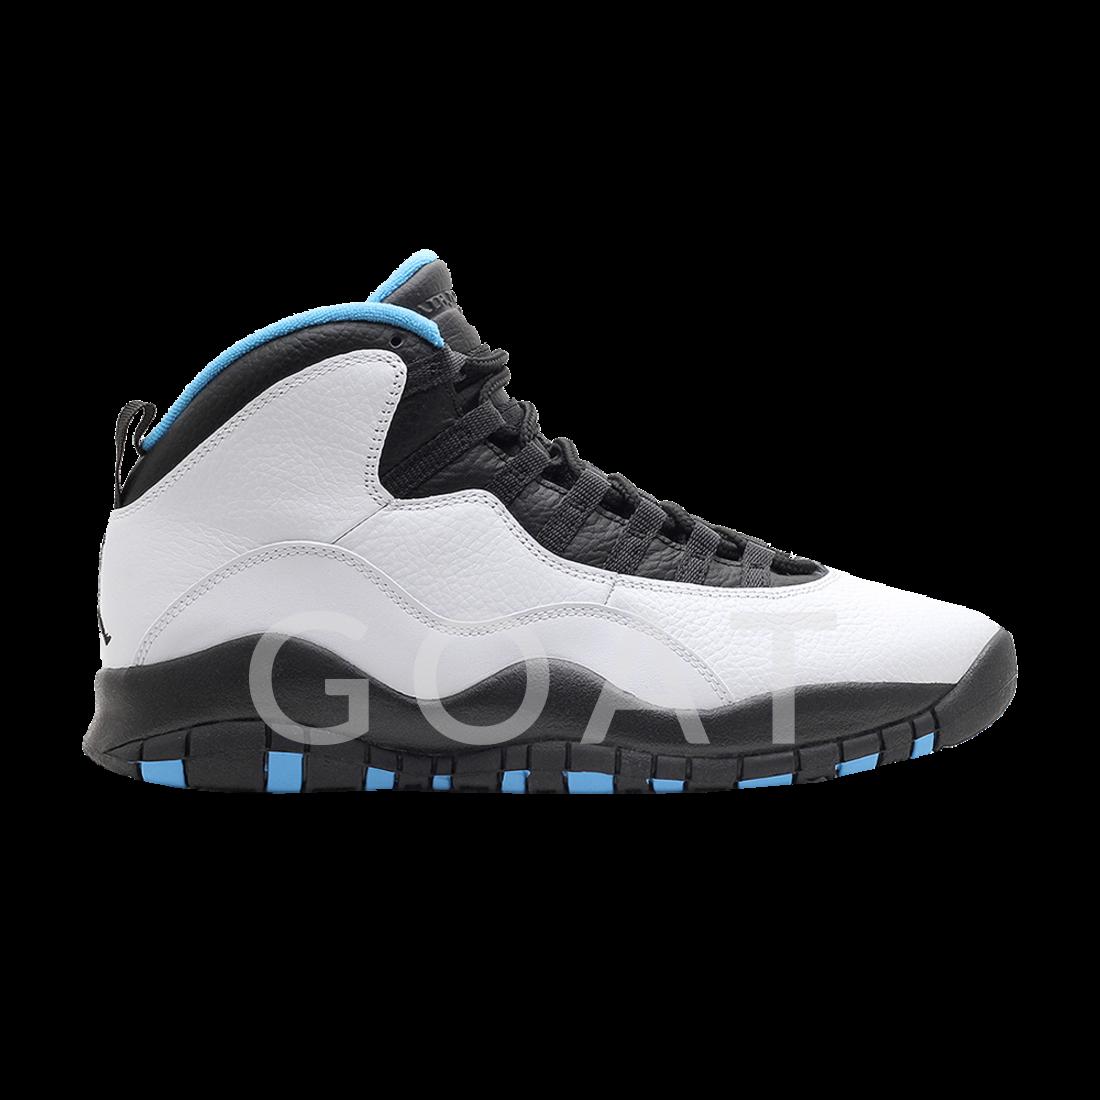 c3dc6c6550e8b3 Air Jordan 18 Retro Countdown Pack